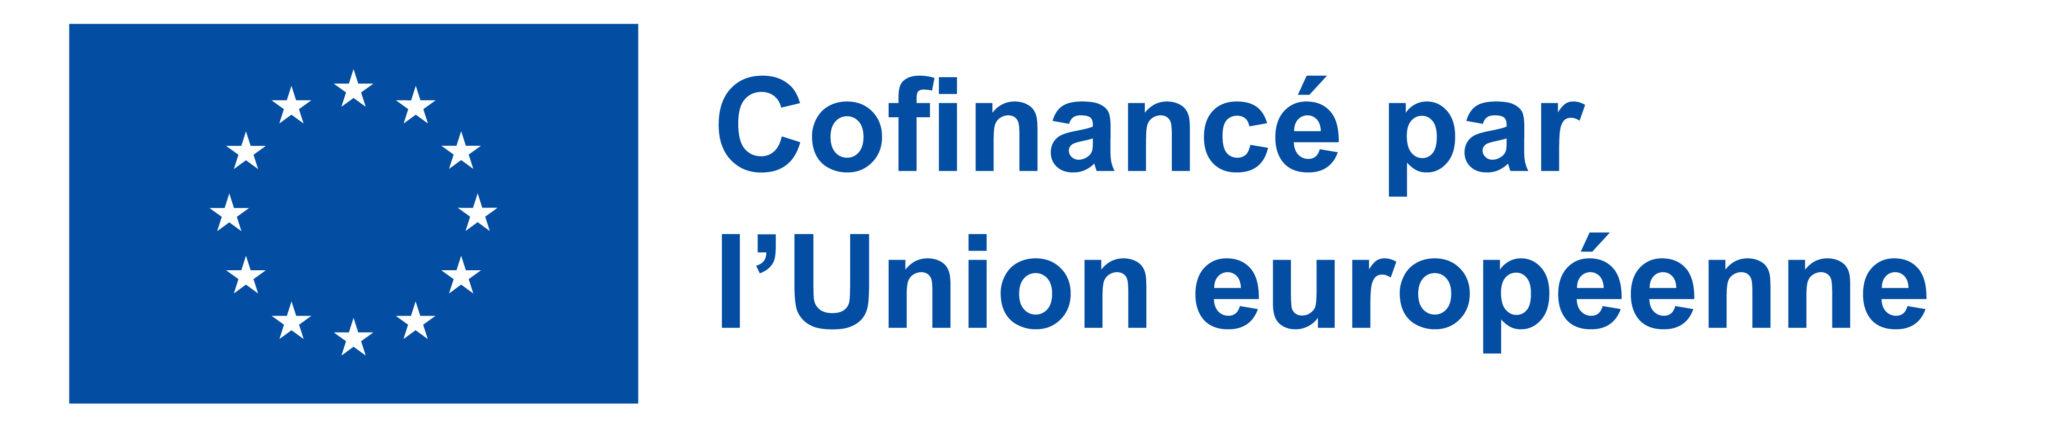 FR Cofinance par l'Union europeenne_PANTONE